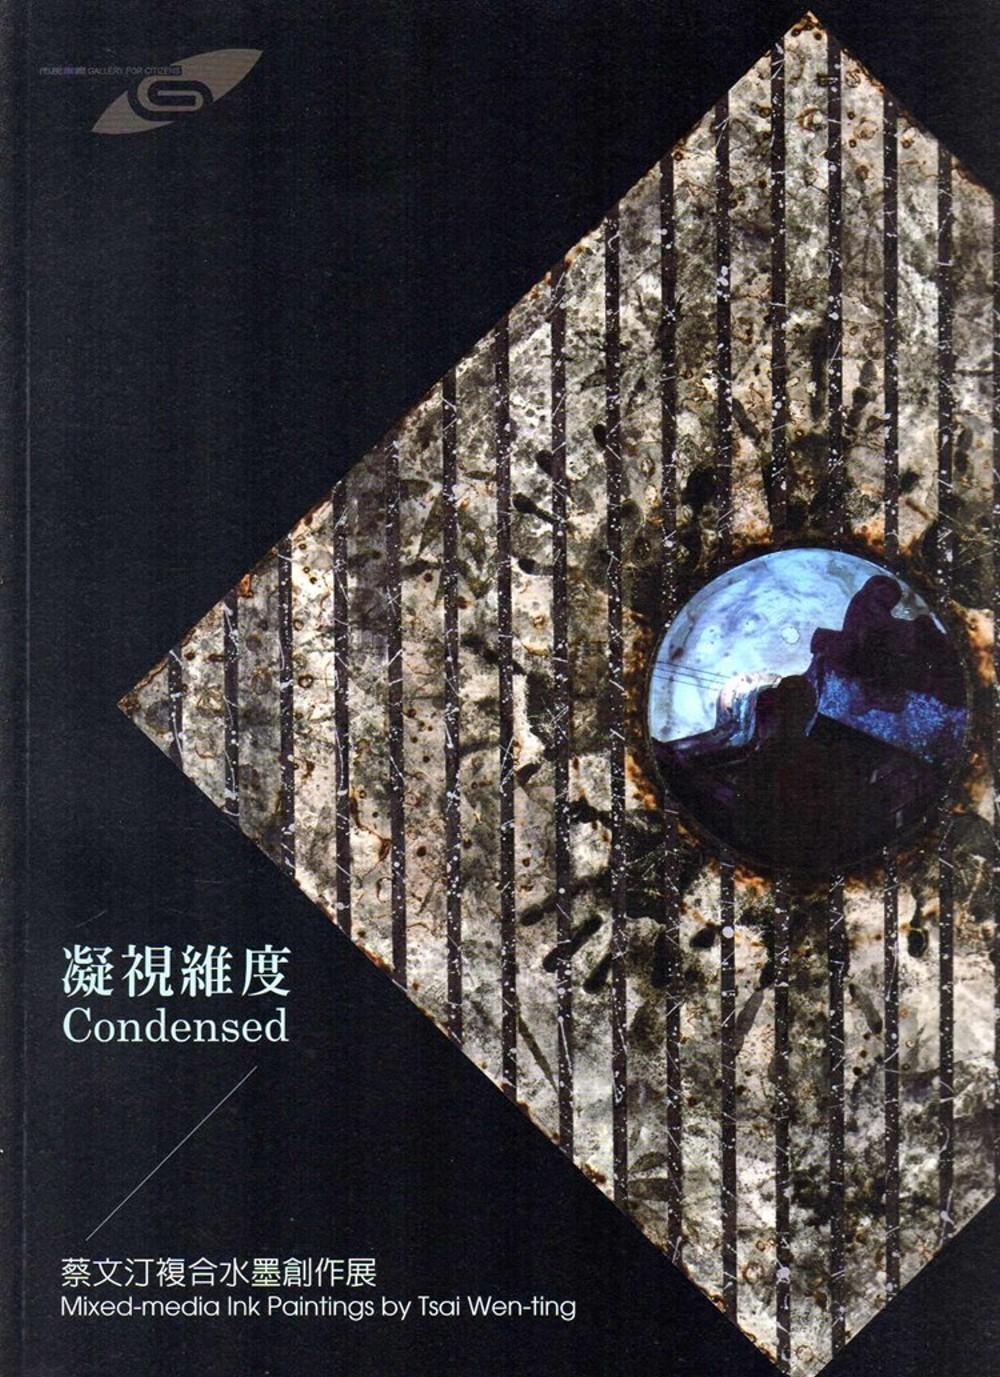 市民畫廊 凝視維度:蔡文汀複合水墨創作展